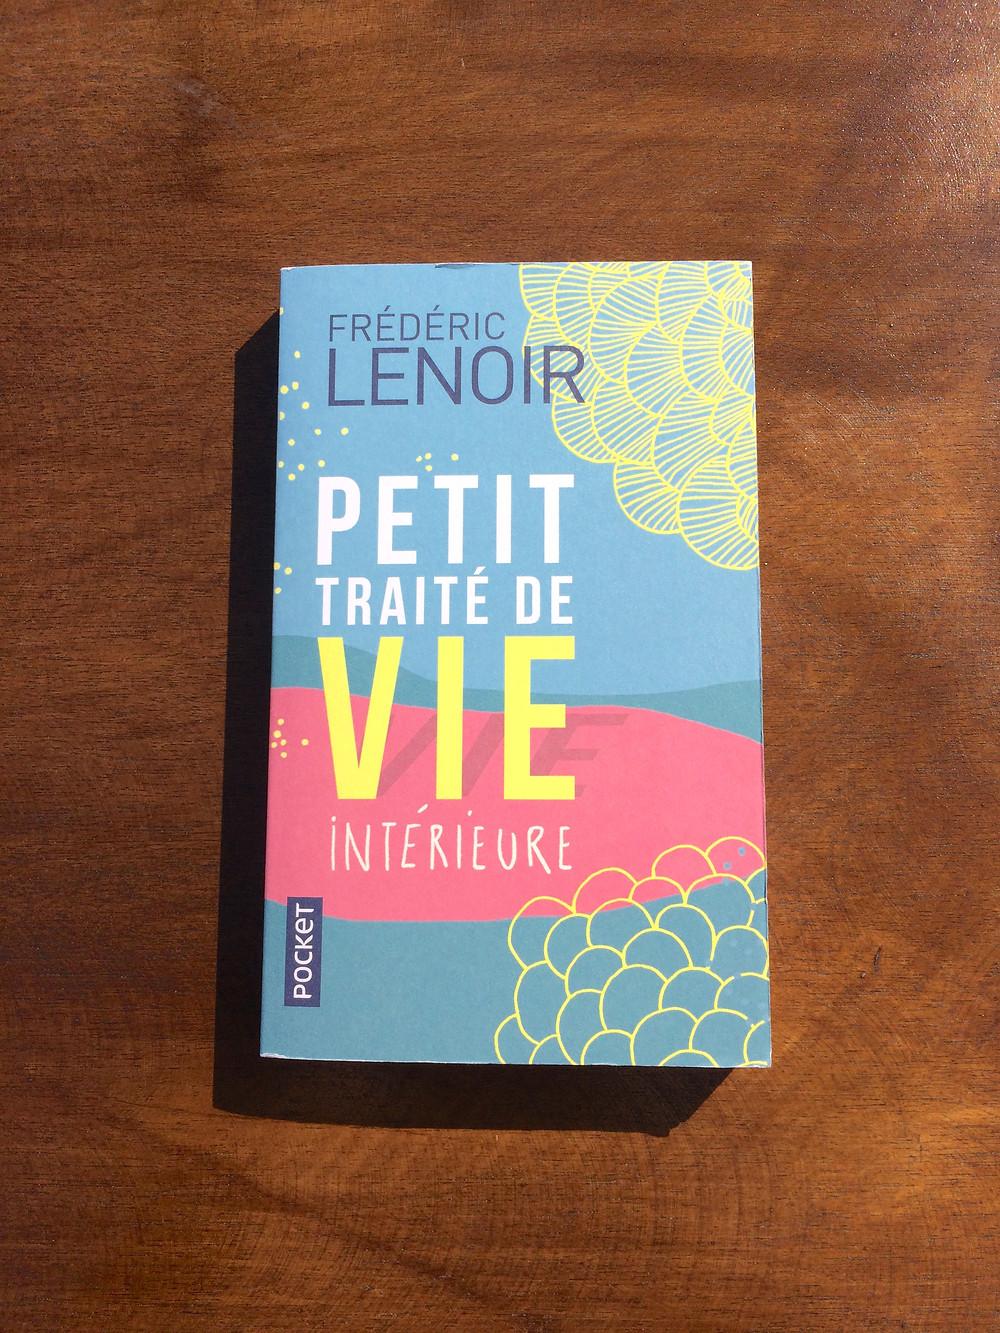 Photo du livre Petit traité de vie intérieure, de Frédéric Lenoir